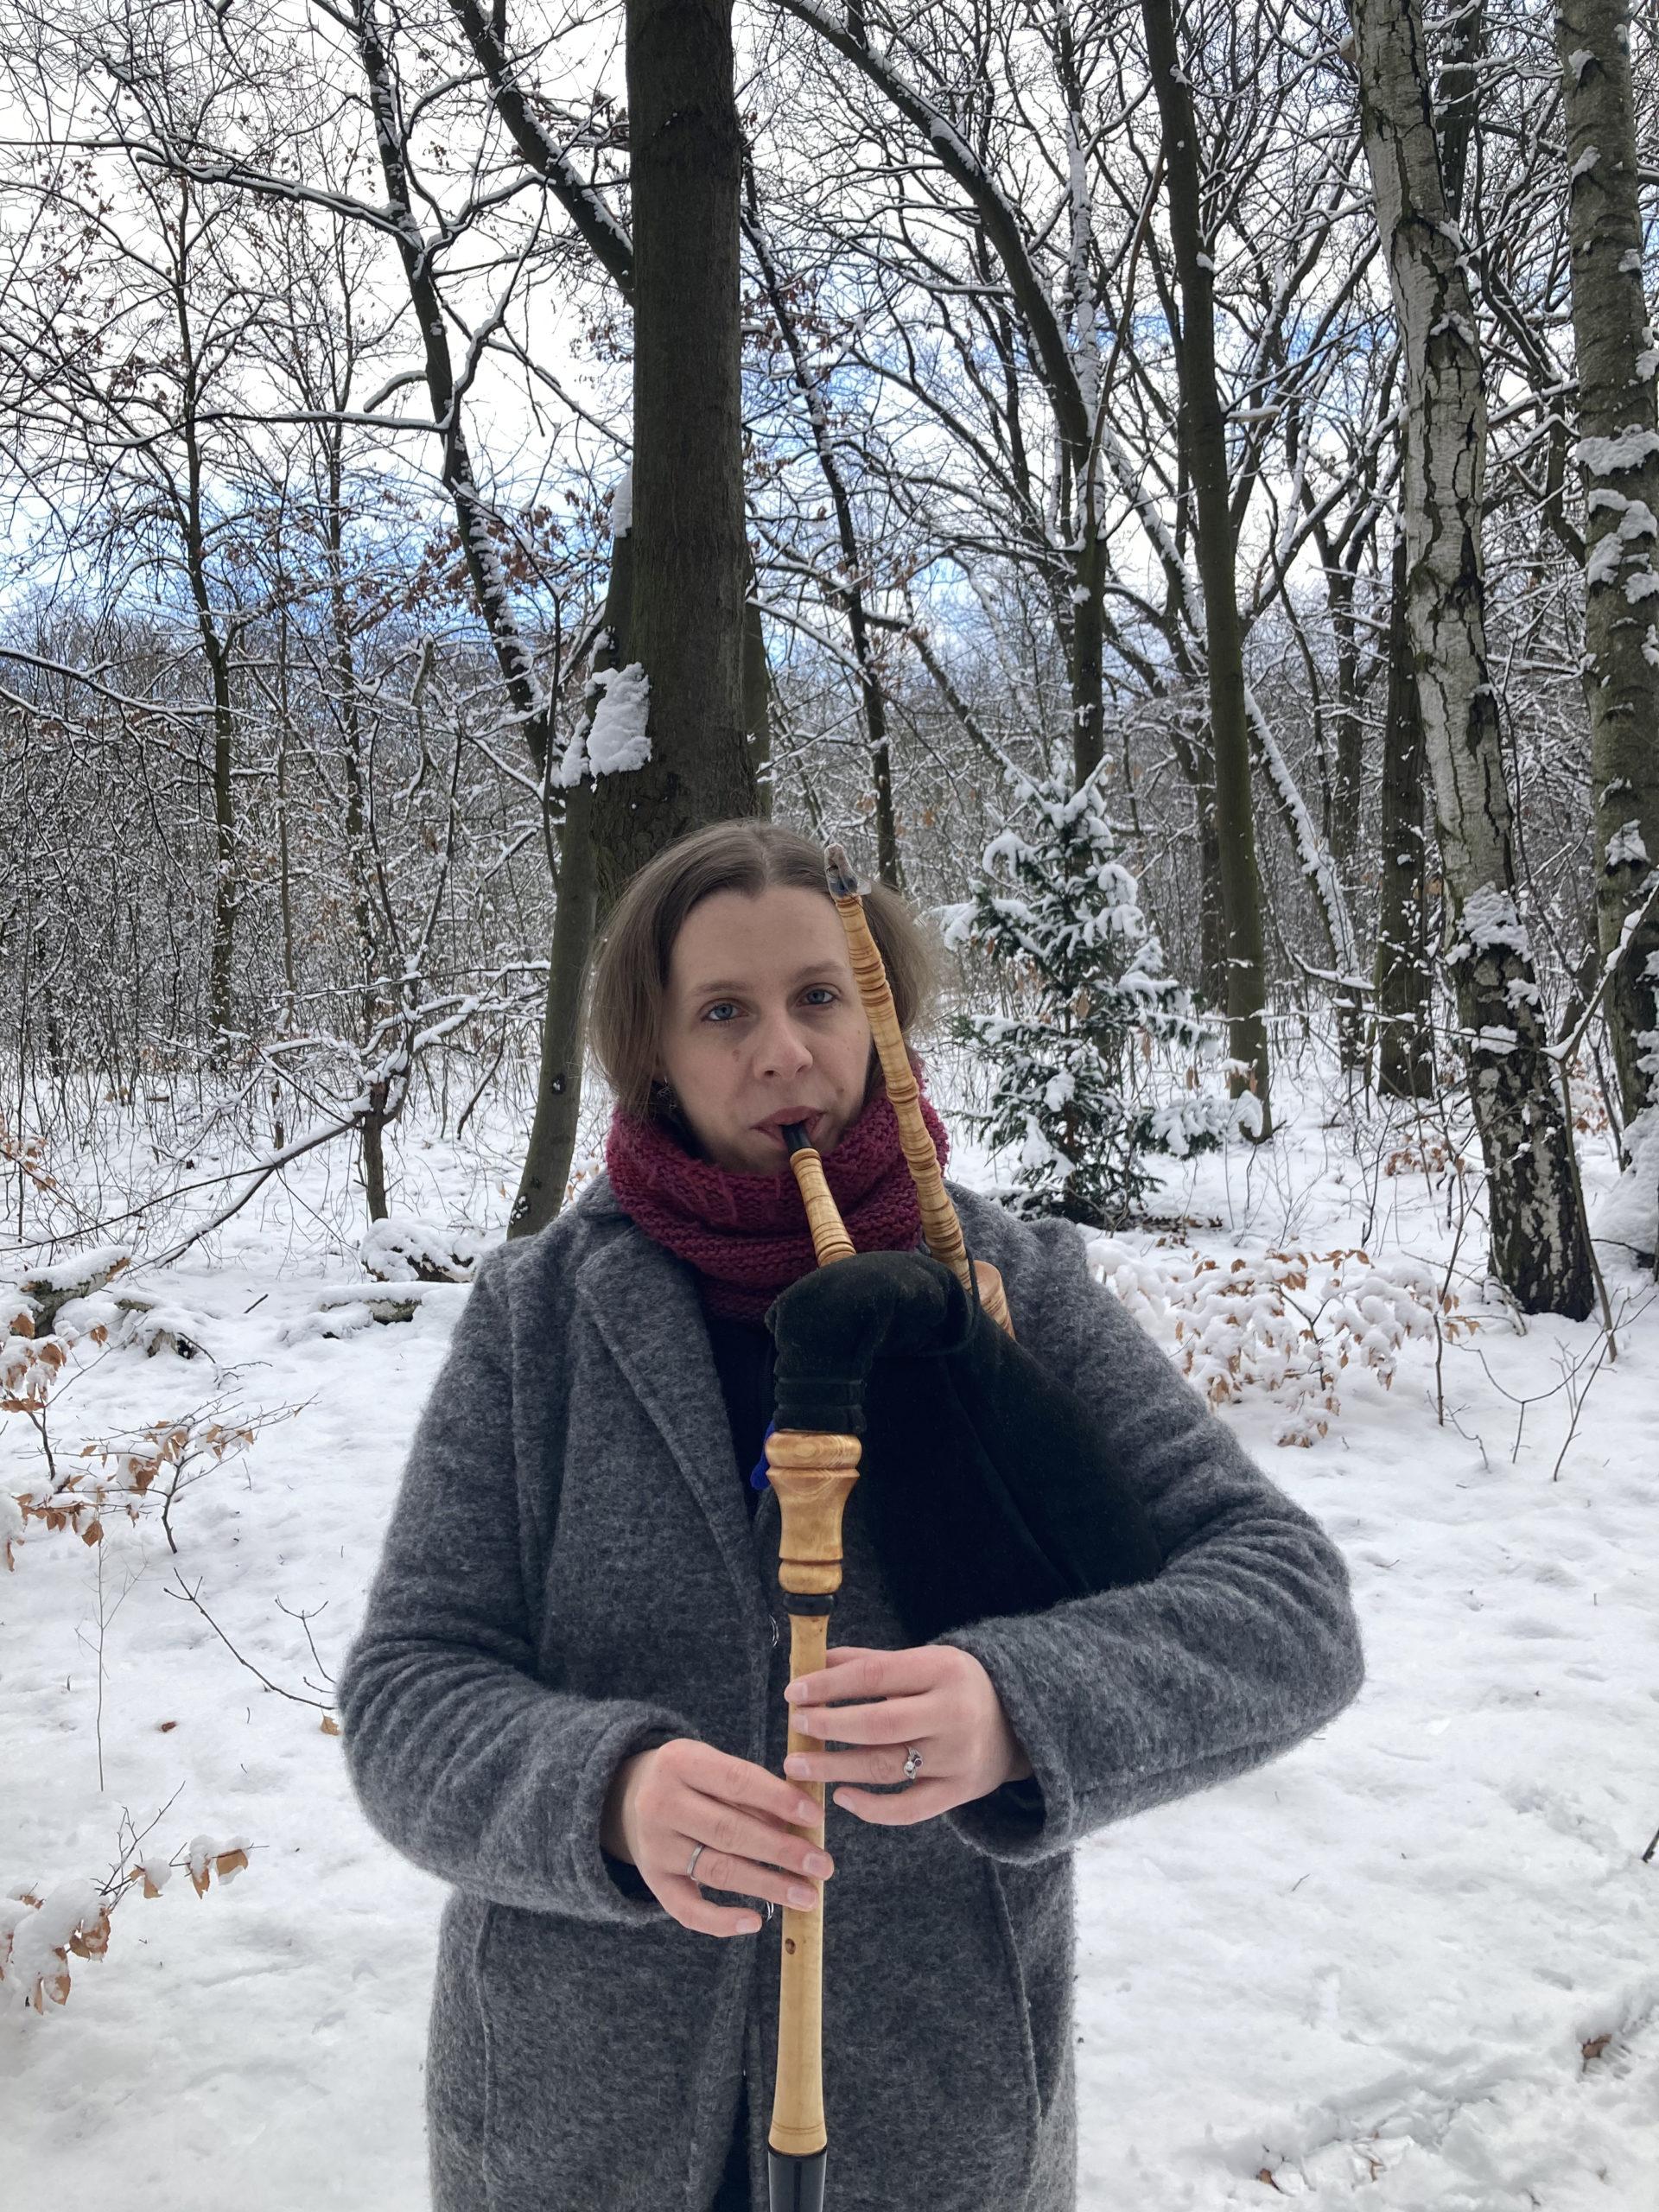 Hümmelchen Winter